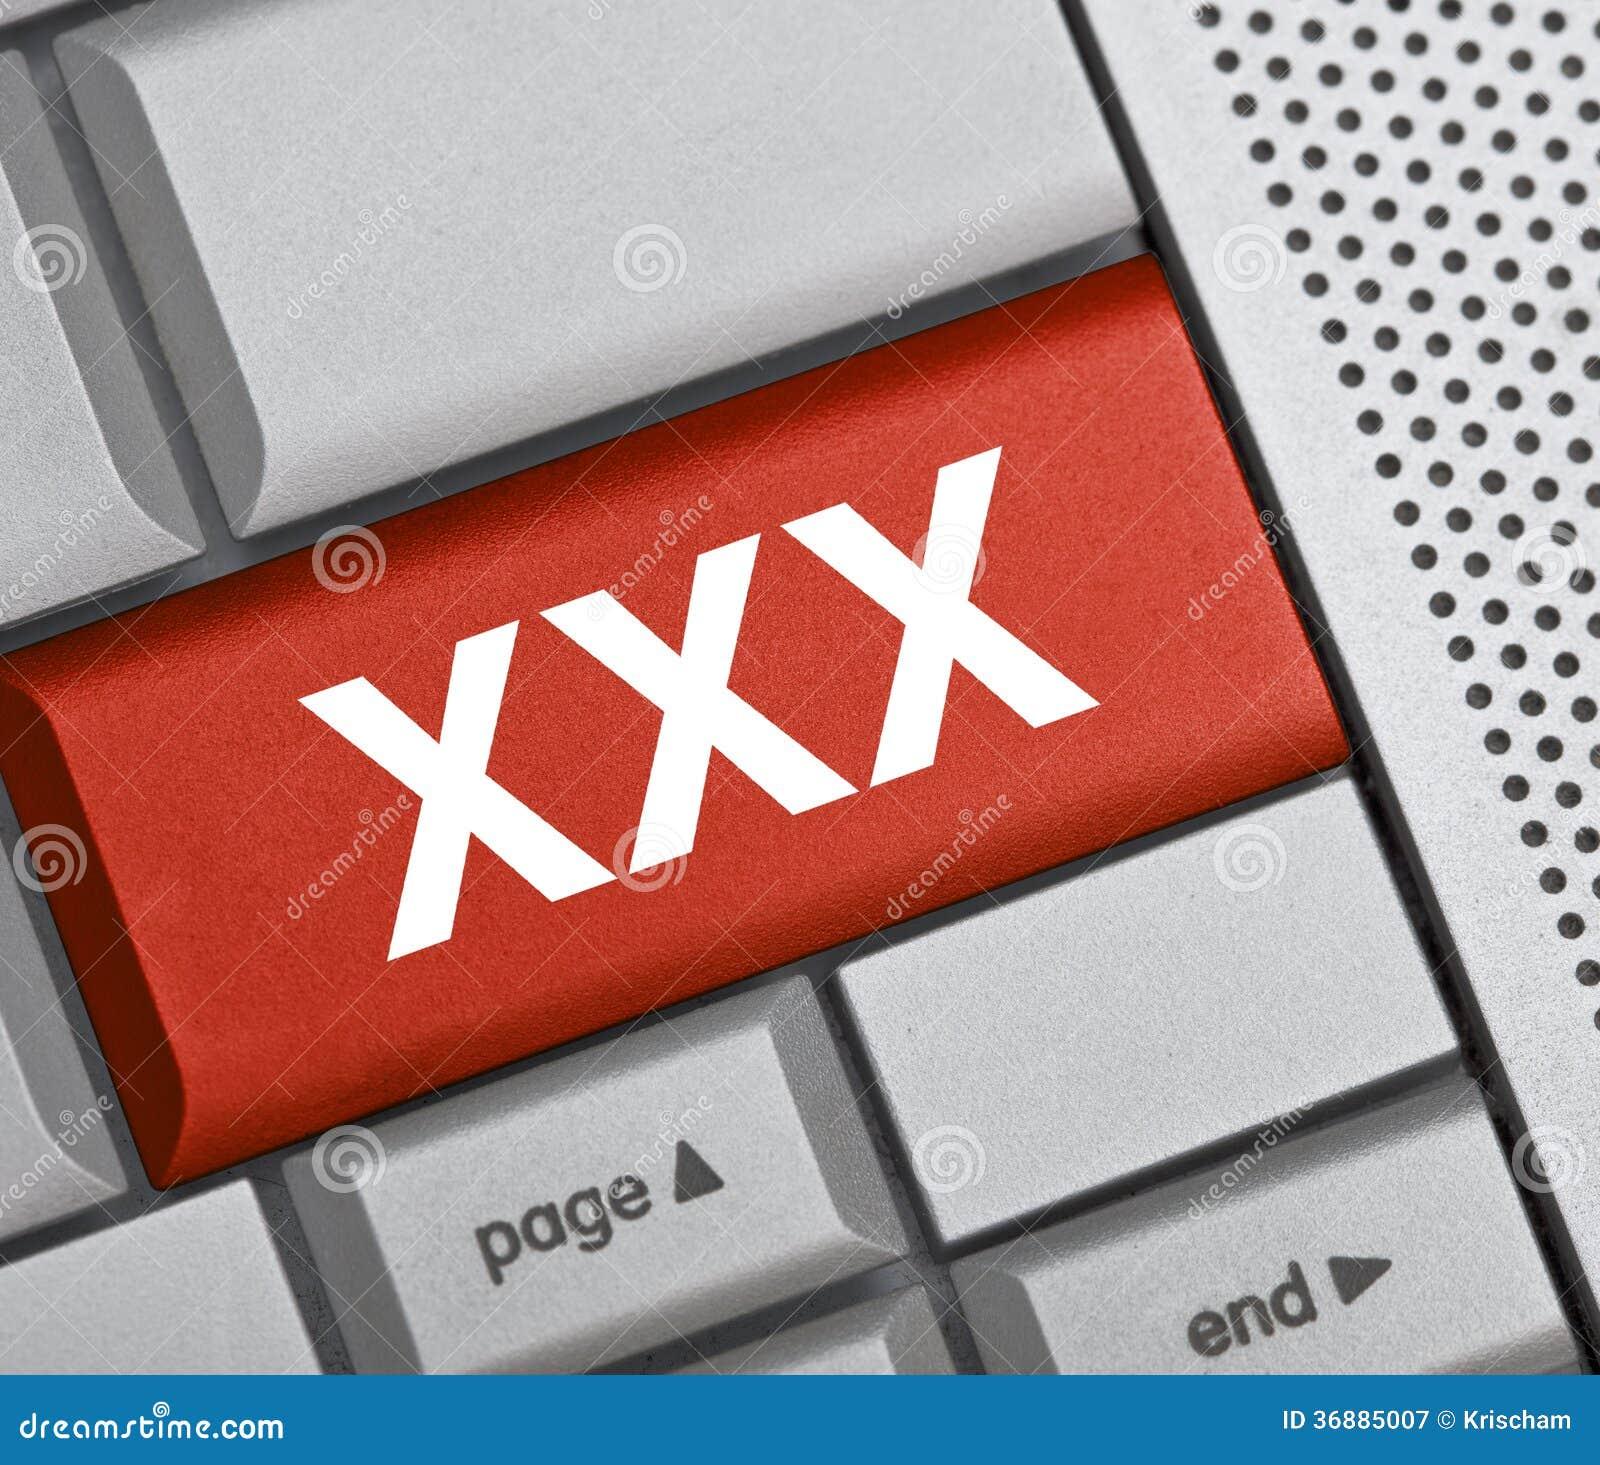 Download Tastiera immagine stock. Immagine di icona, commercio - 36885007